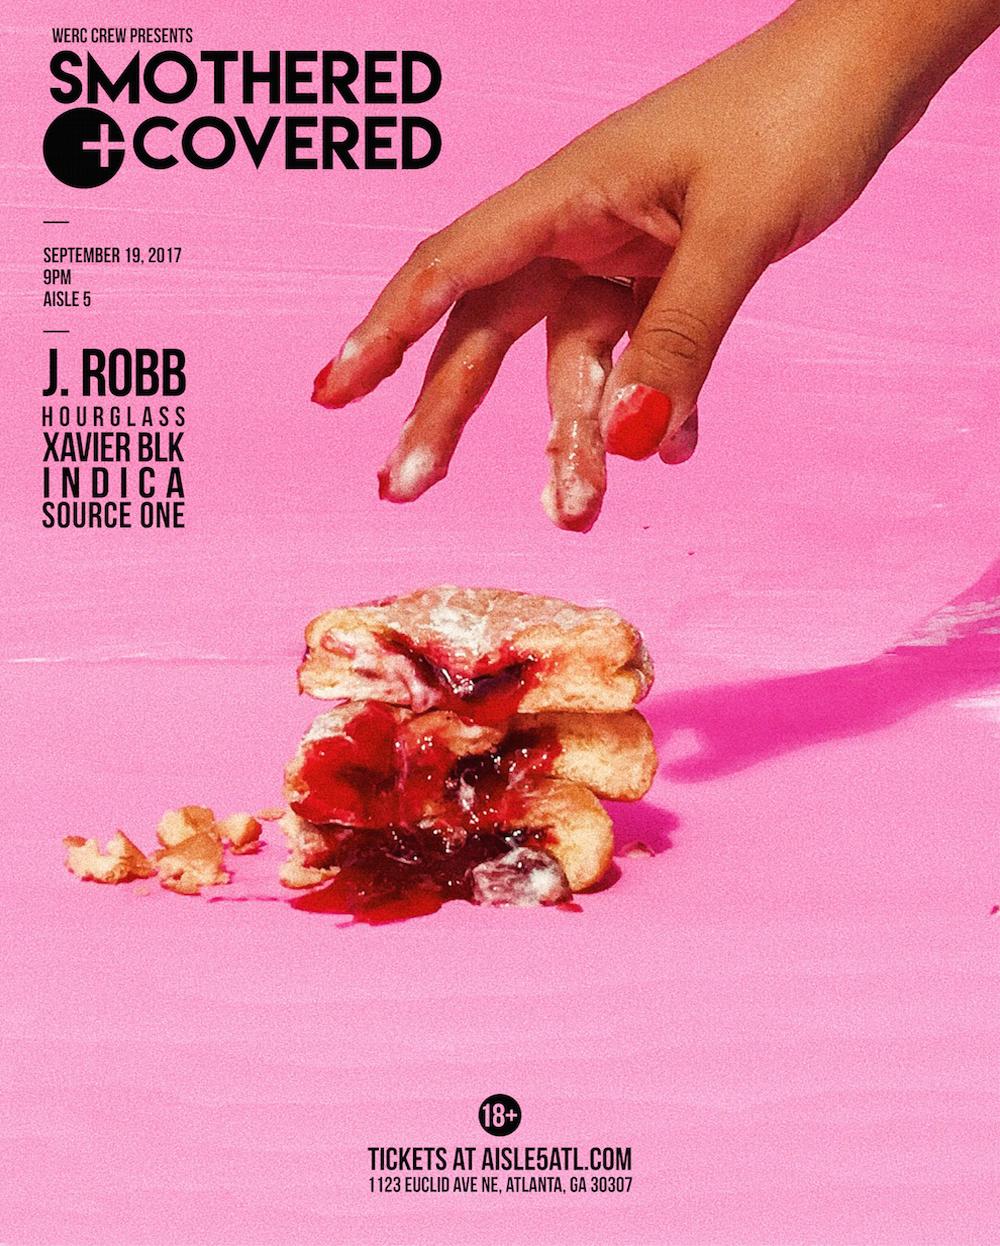 smothered&covered_jrobb_flyer.jpg